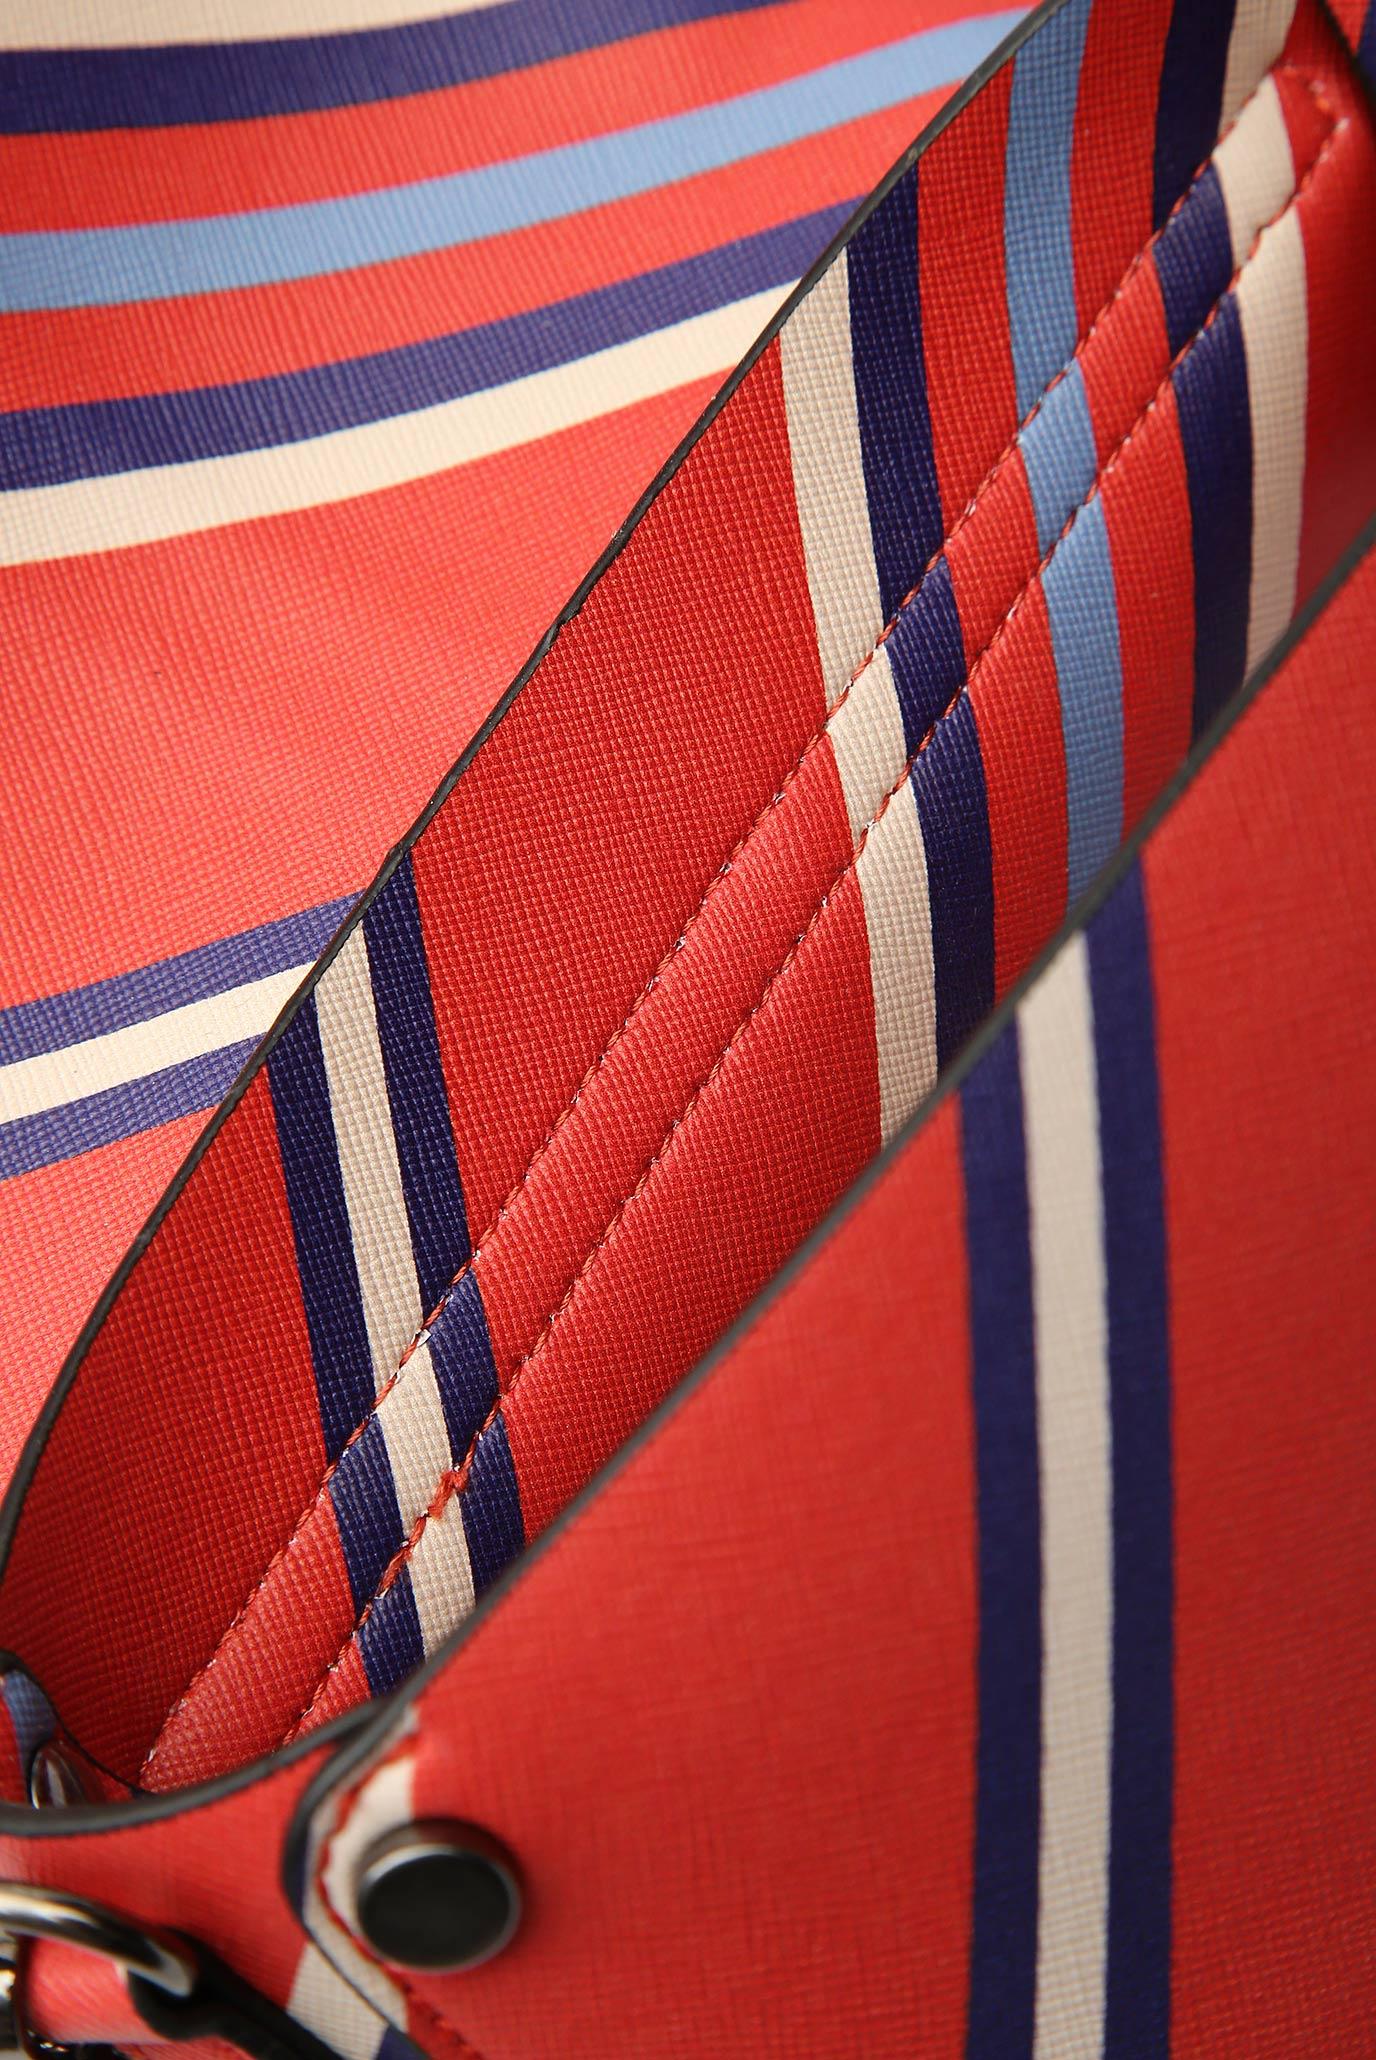 Купить Женская коралловая сумка на плечо Pepe Jeans Pepe Jeans PL030932 – Киев, Украина. Цены в интернет магазине MD Fashion